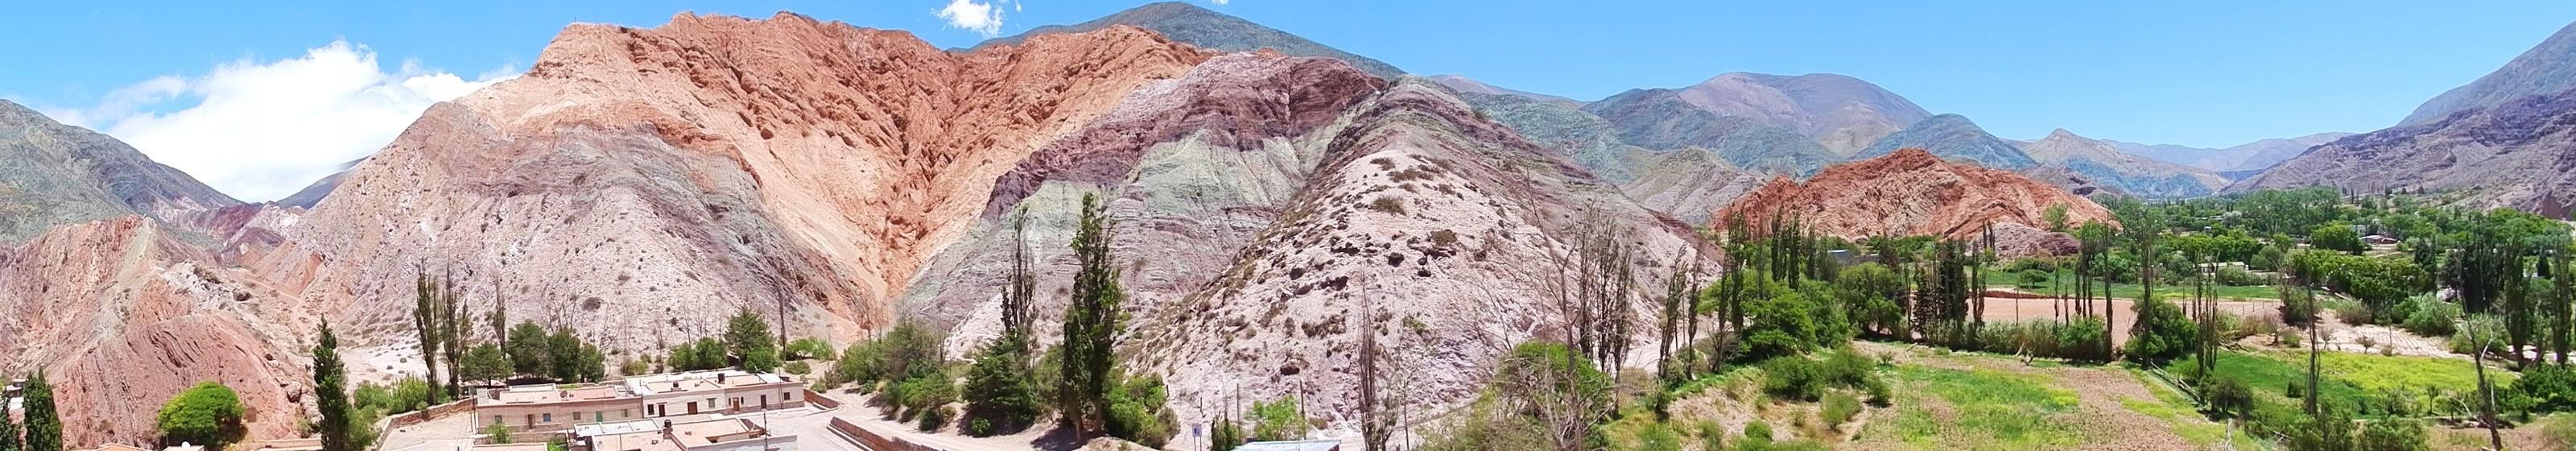 Cerro 7 Colores